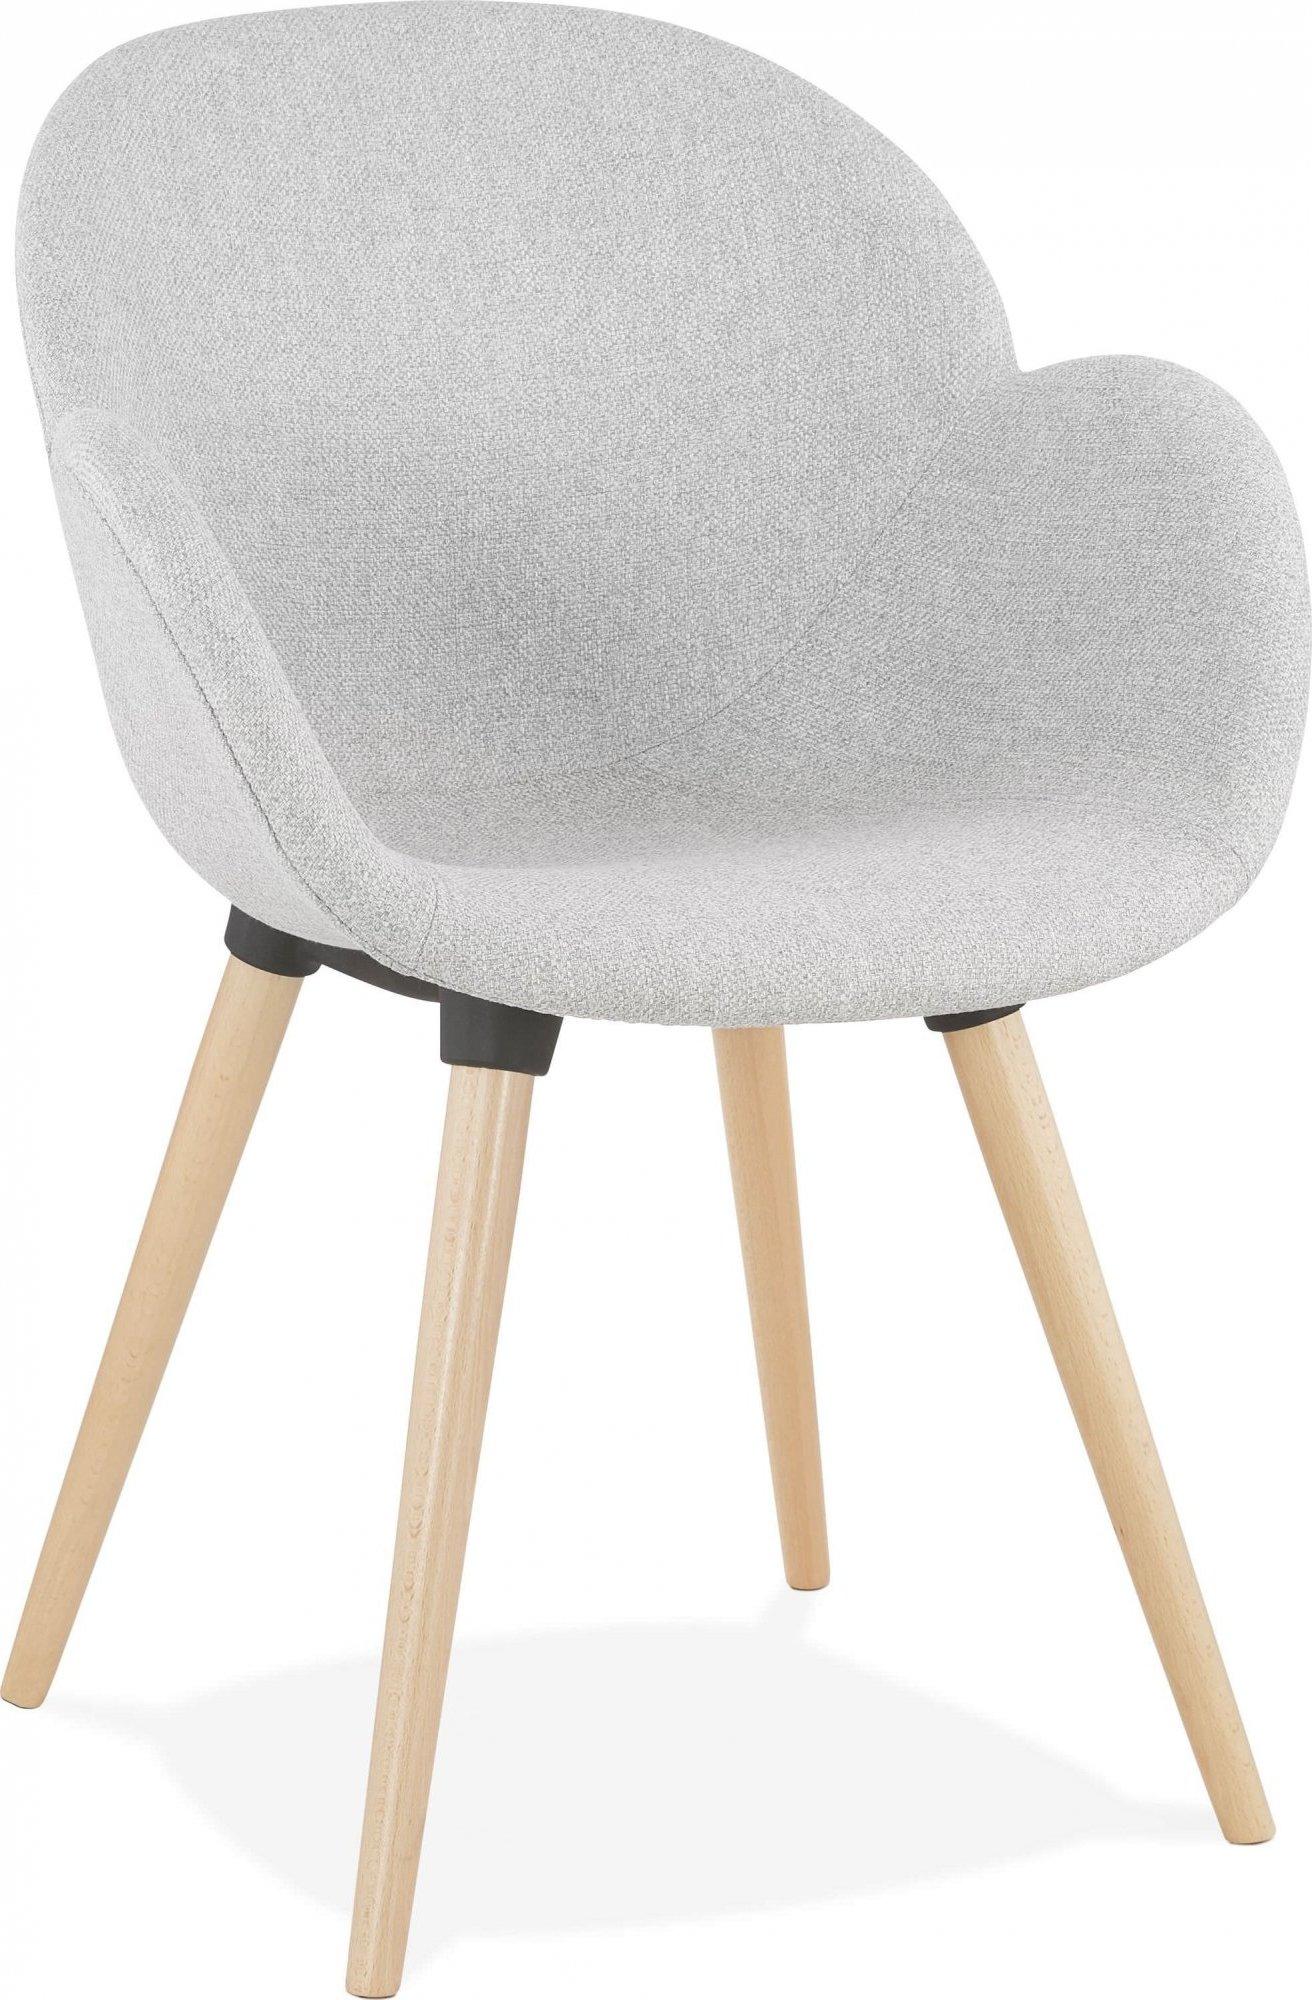 Fauteuil design rembourré tissu gris clair pieds bois